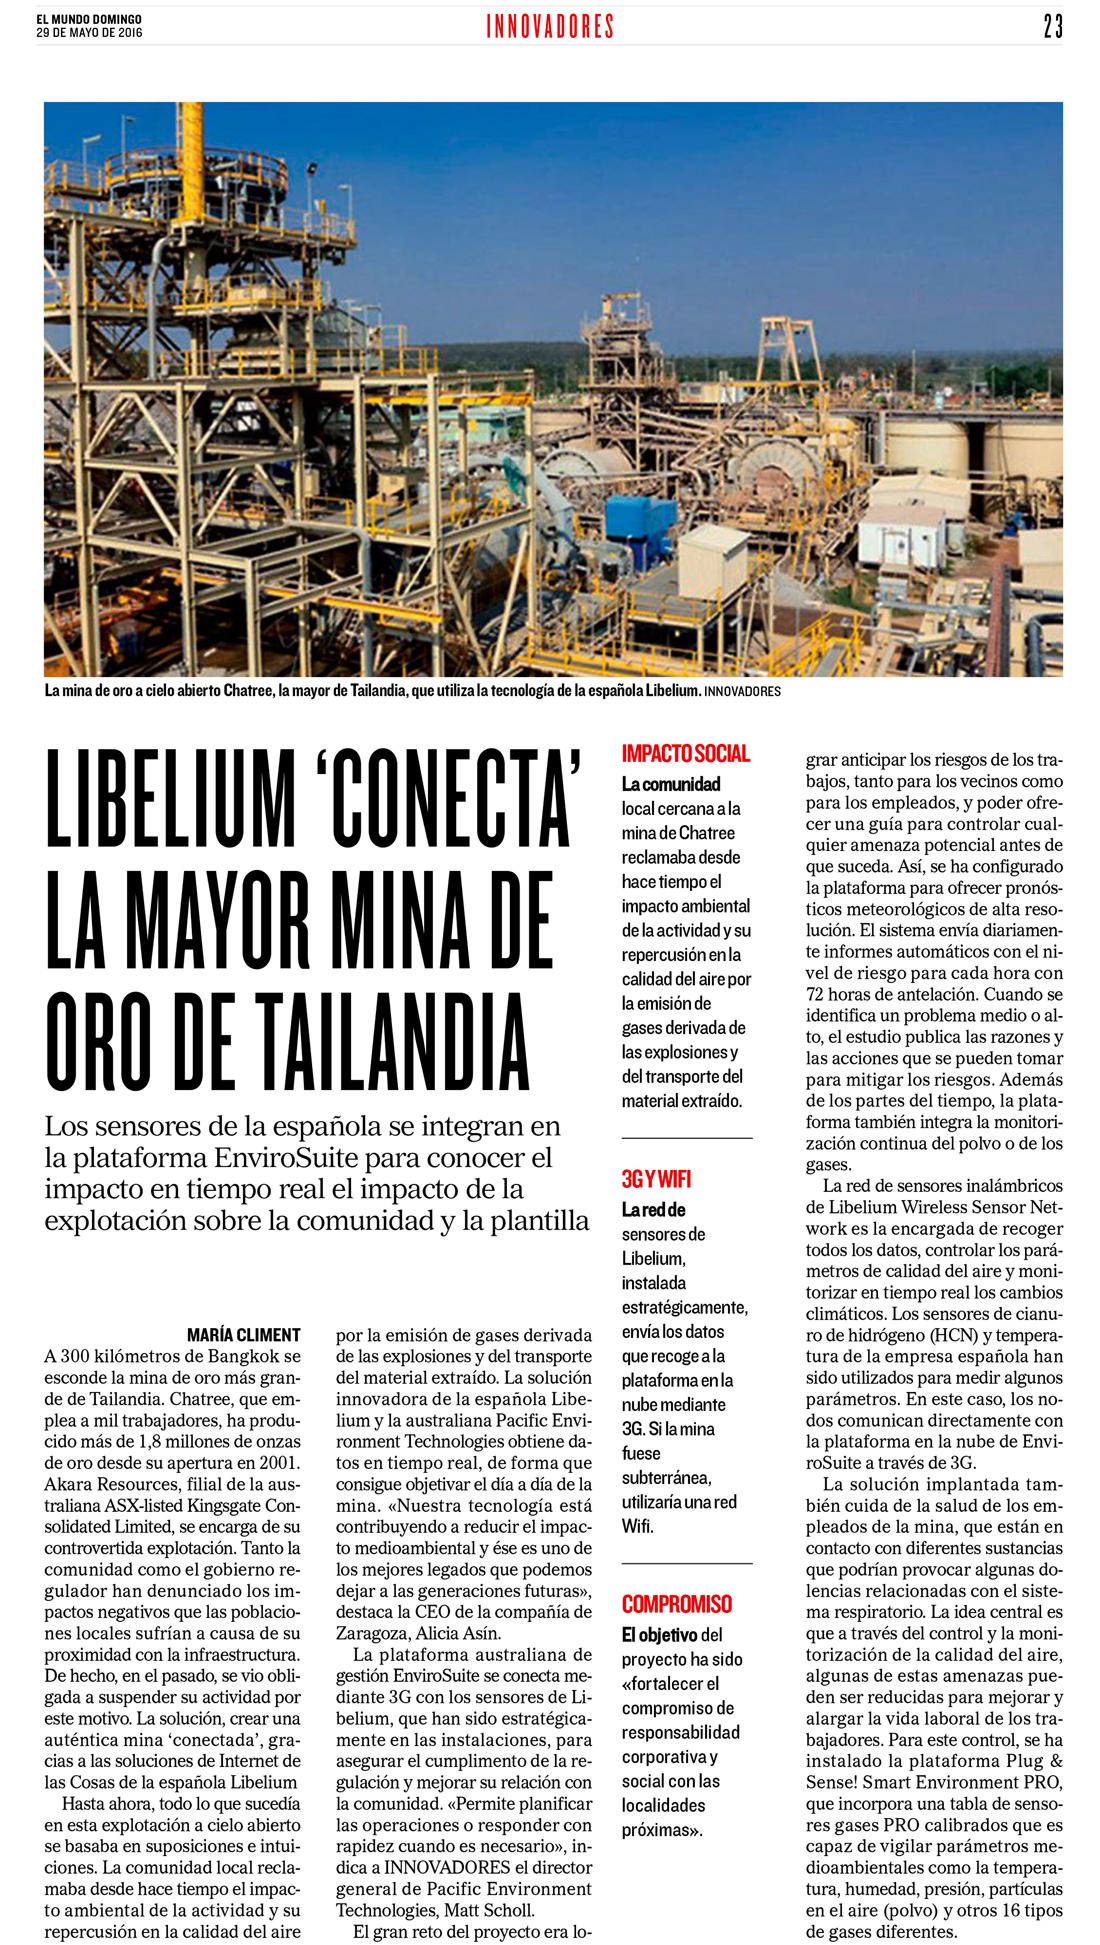 El Mundo – Libelium 'conecta' la mayor mina de oro de Tailandia